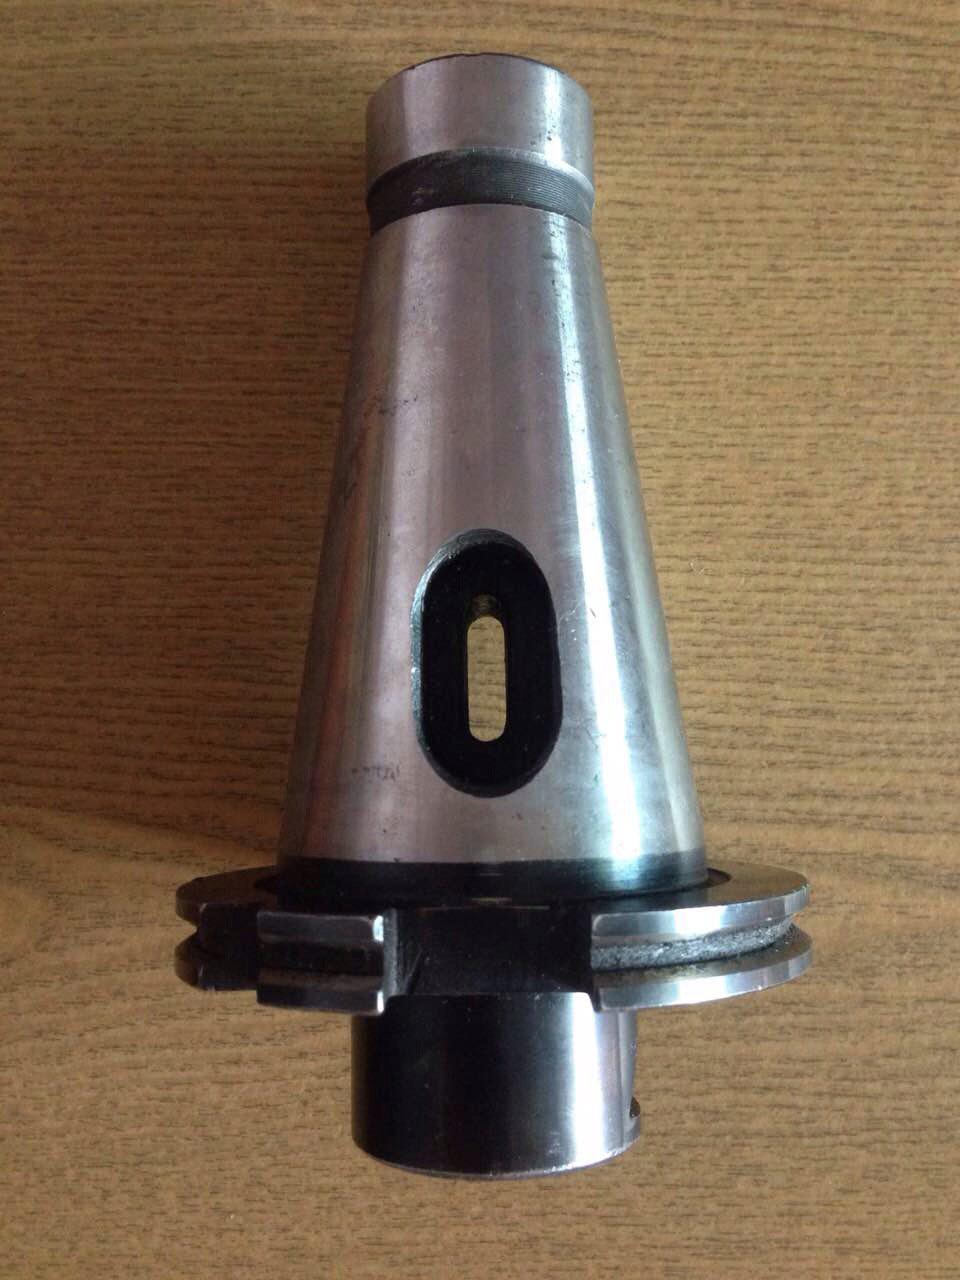 6103-4017-04 Втулка переходная 7:24 К45 на КМ2 тип АЕ(винт) под фрезу по ГОСТ 25827 исп.3